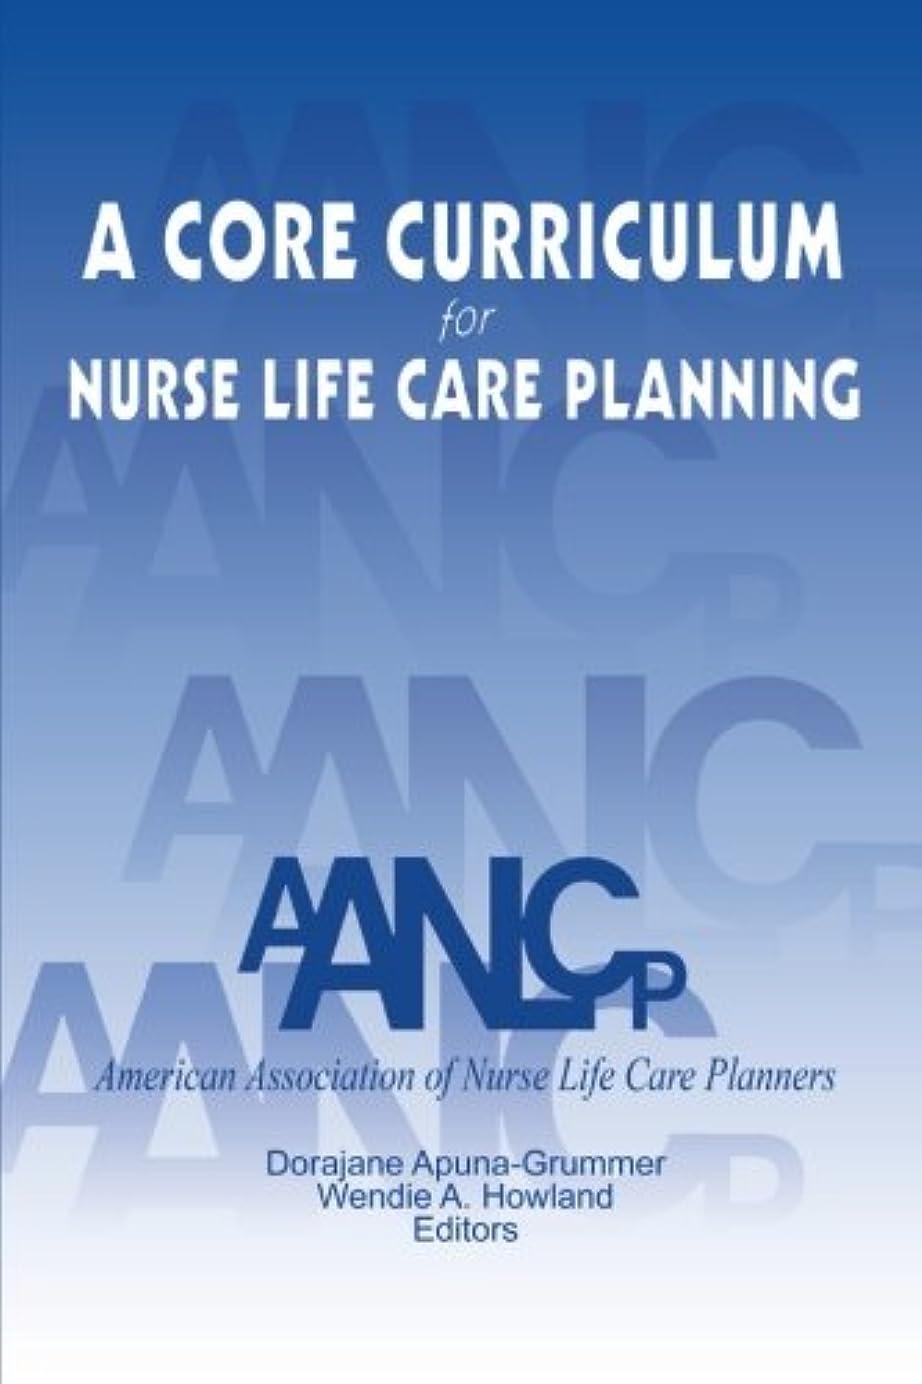 遠洋のキャンパス知人A Core Curriculum for Nurse Life Care Planning